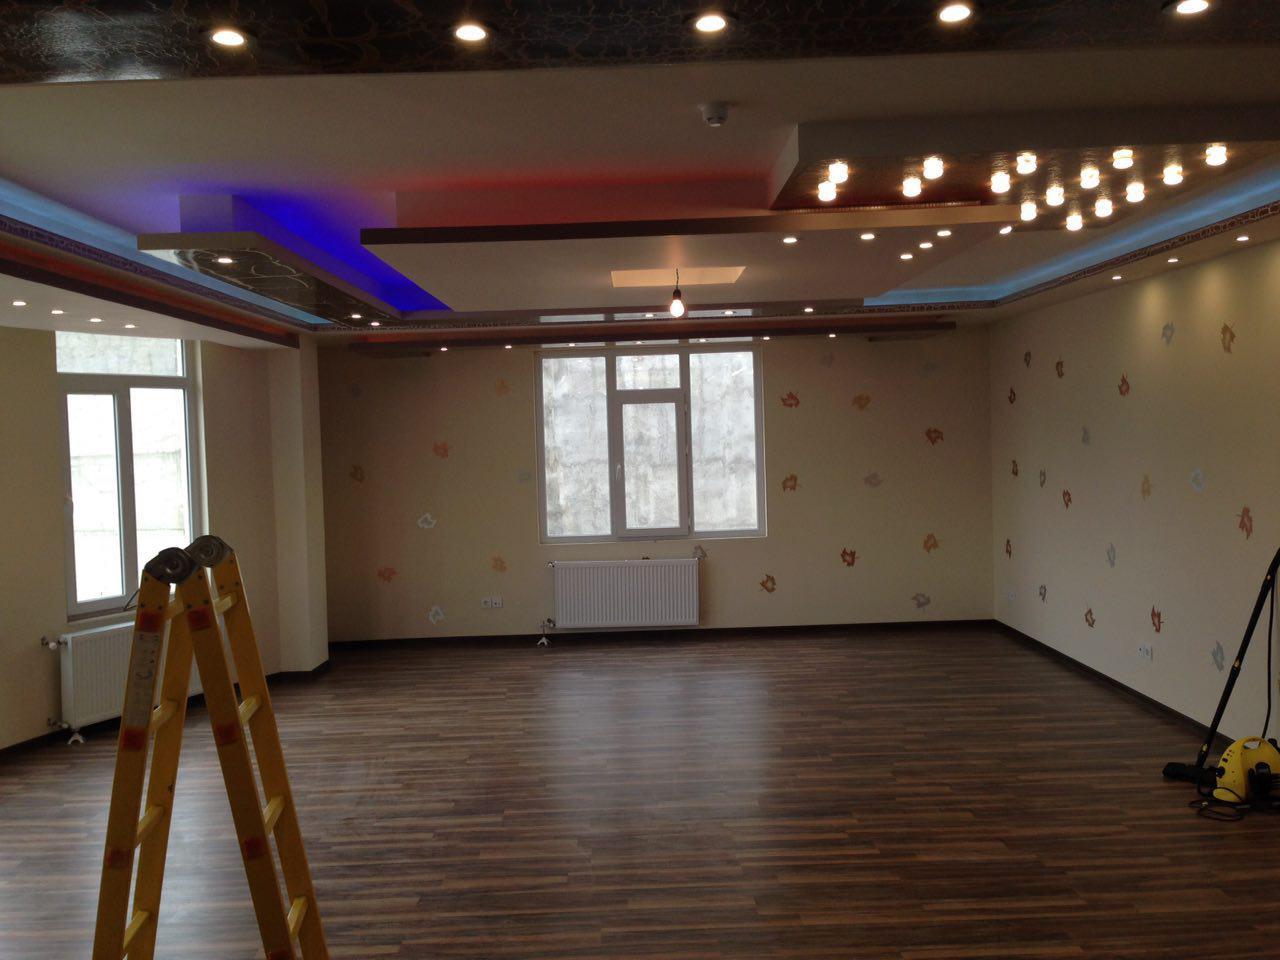 فروش طبقه چهارم از آپارتمان 8 طبقه در میدان جانبازان